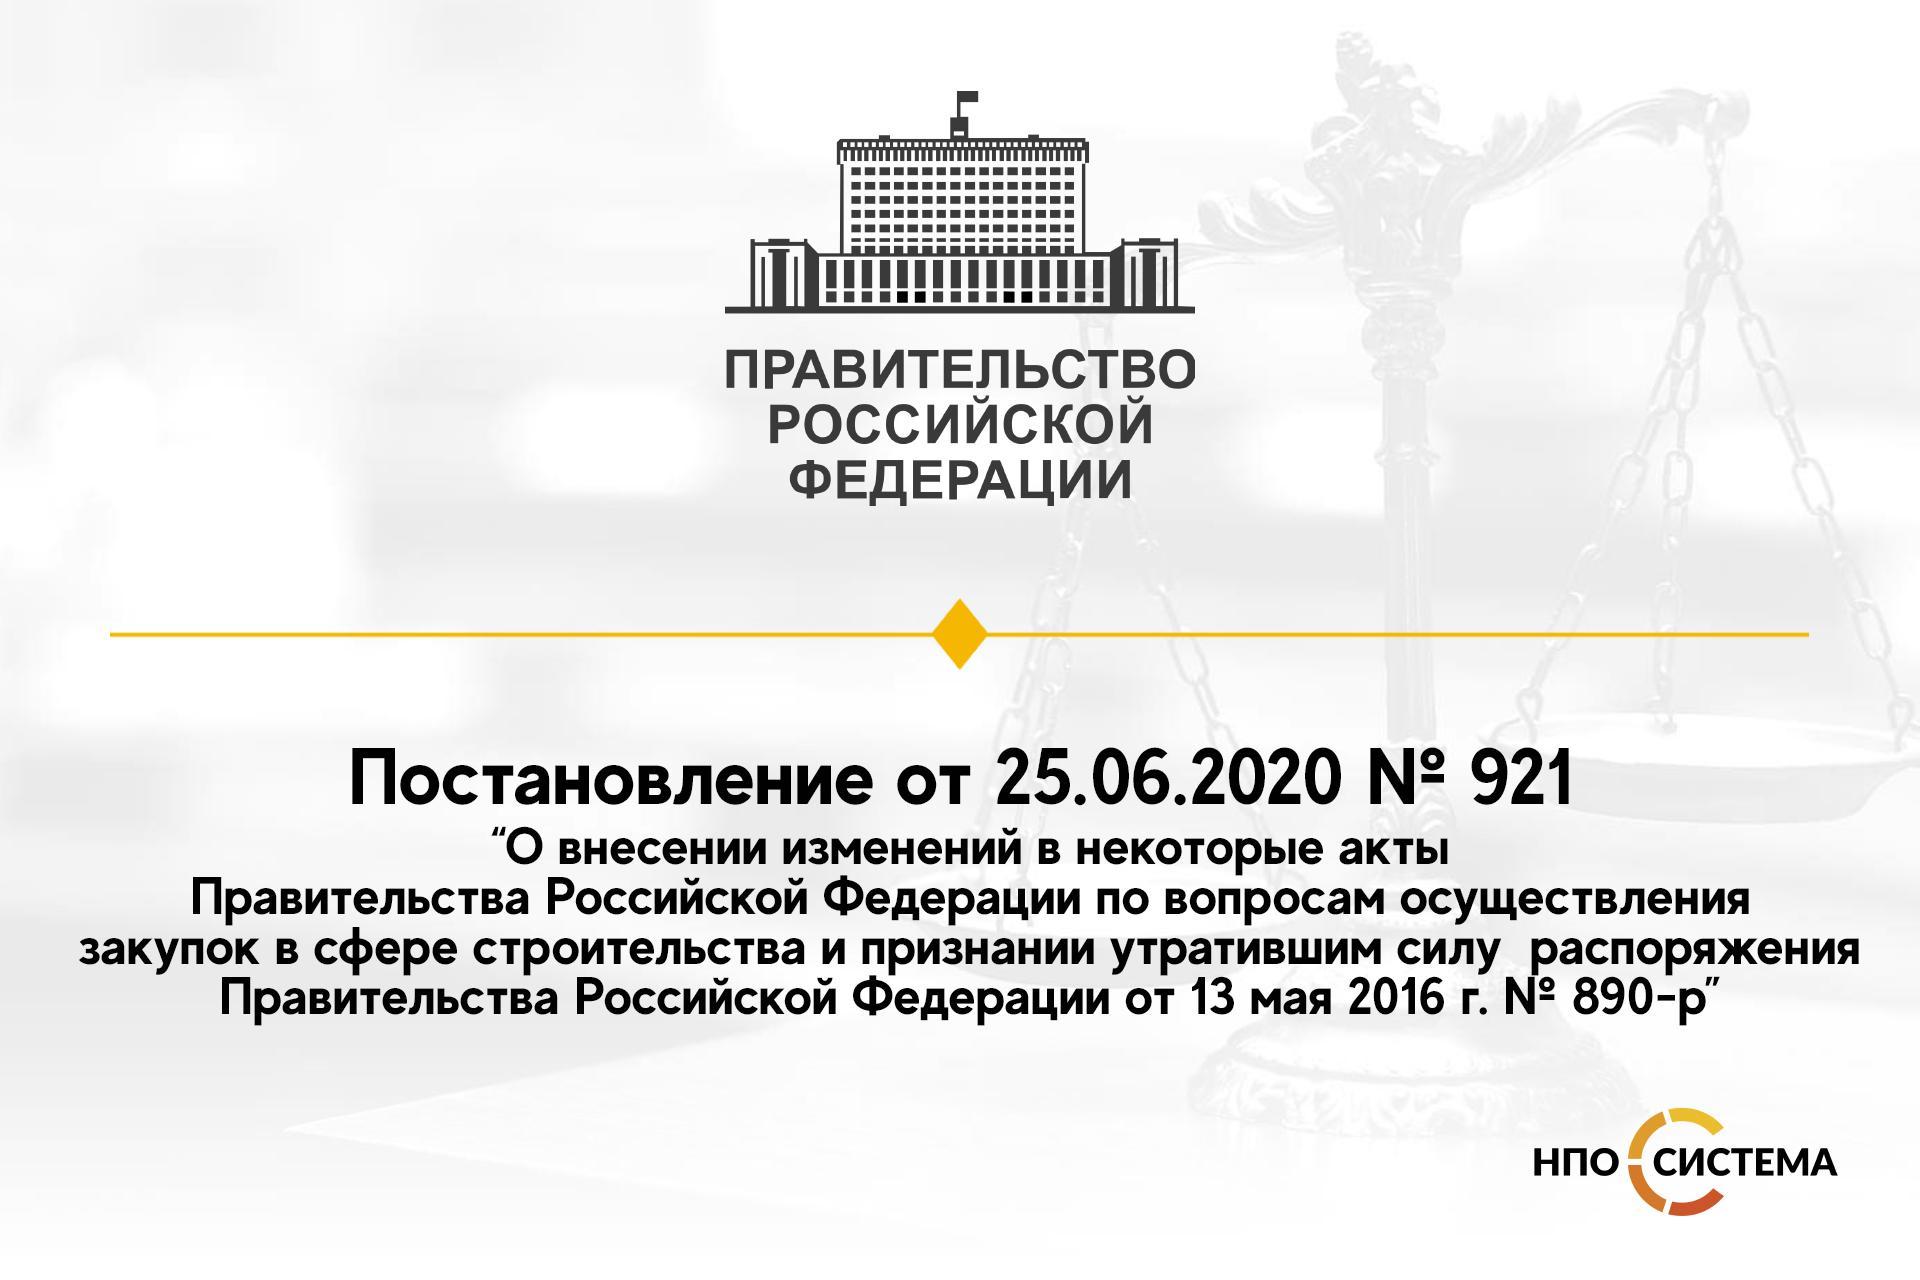 Постановление Правительства Российской Федерации от 25.06.2020 № 921